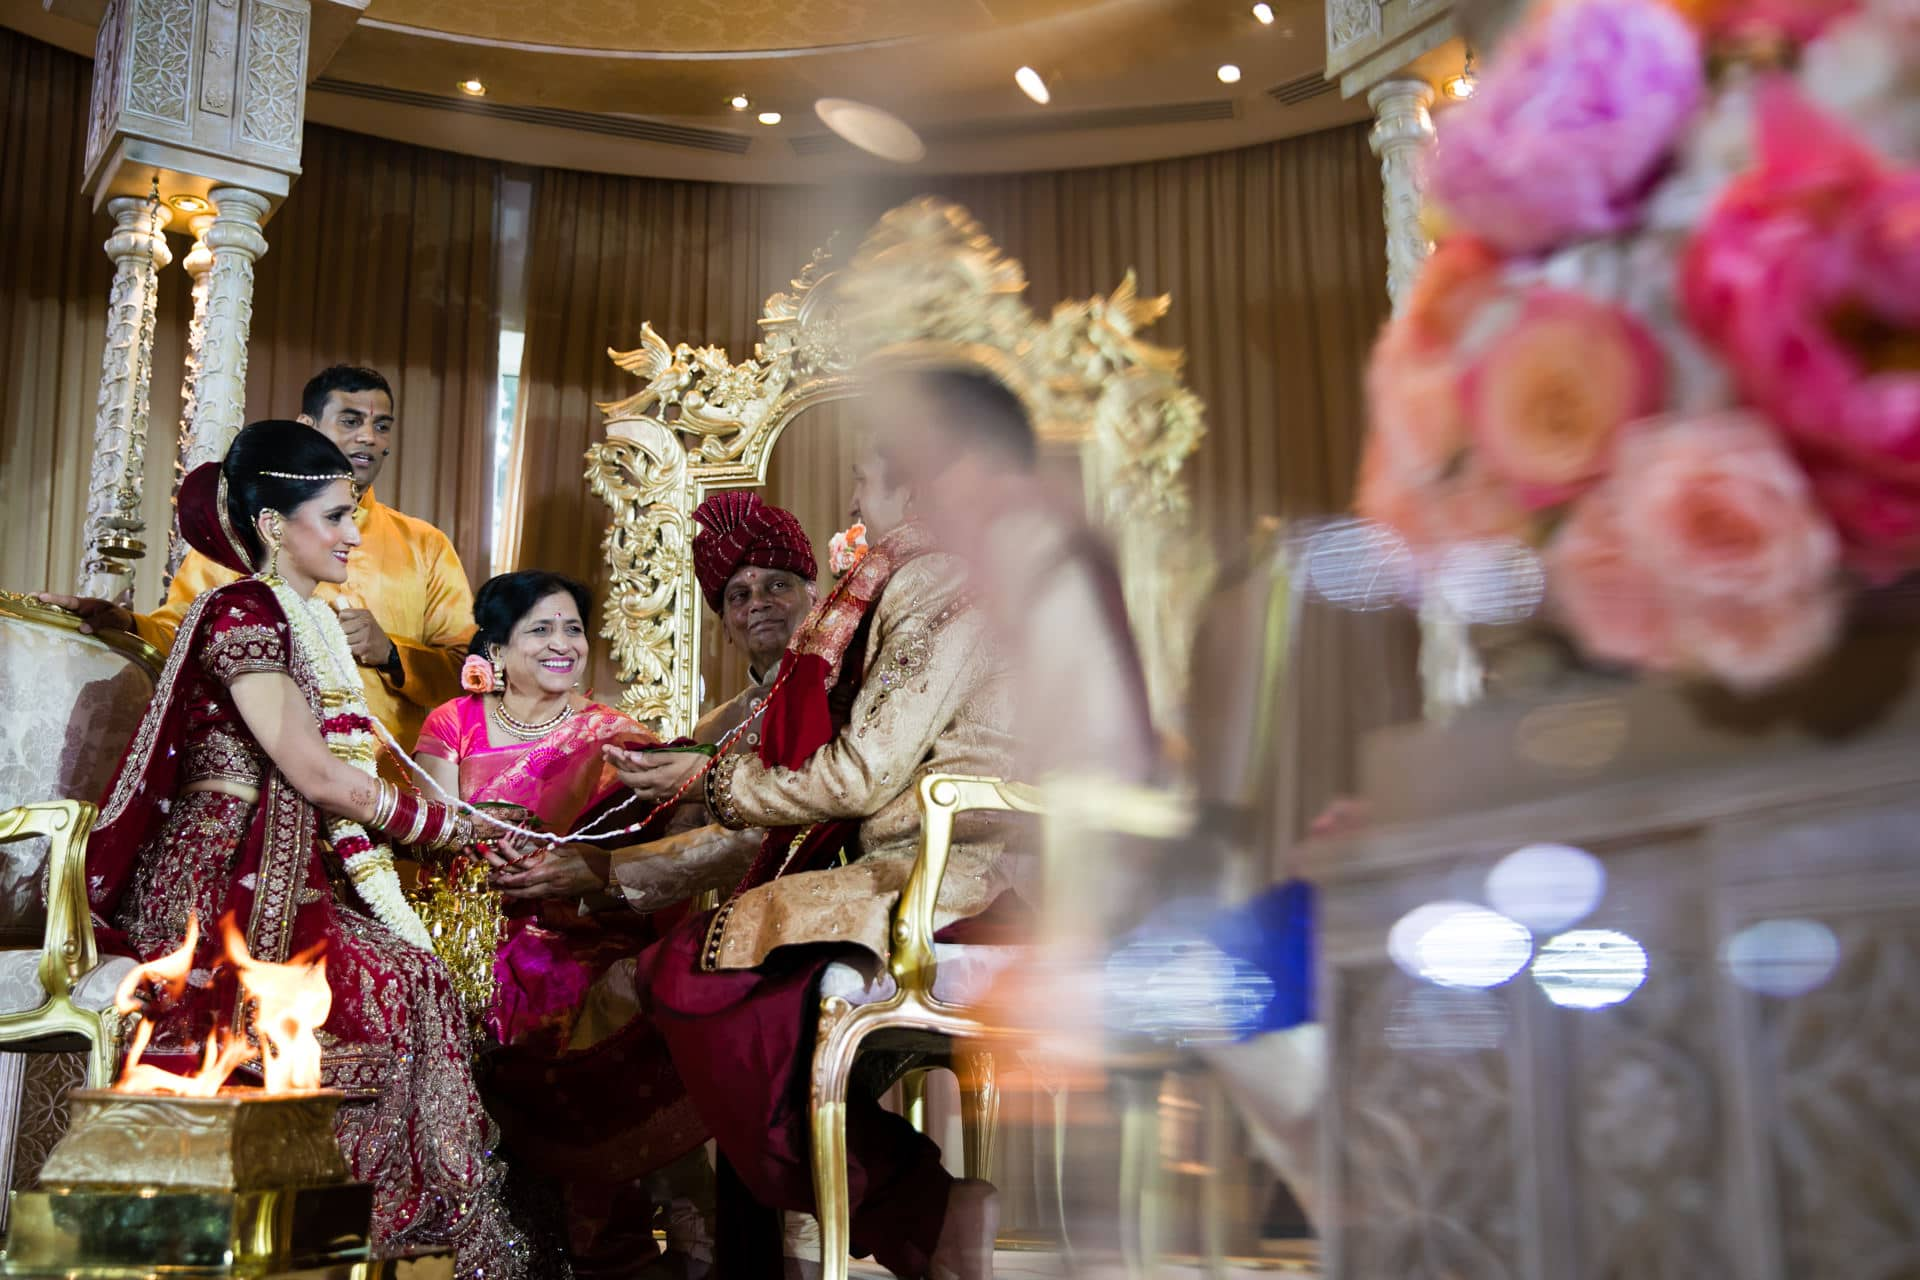 Hindu Wedding ceremony taking place